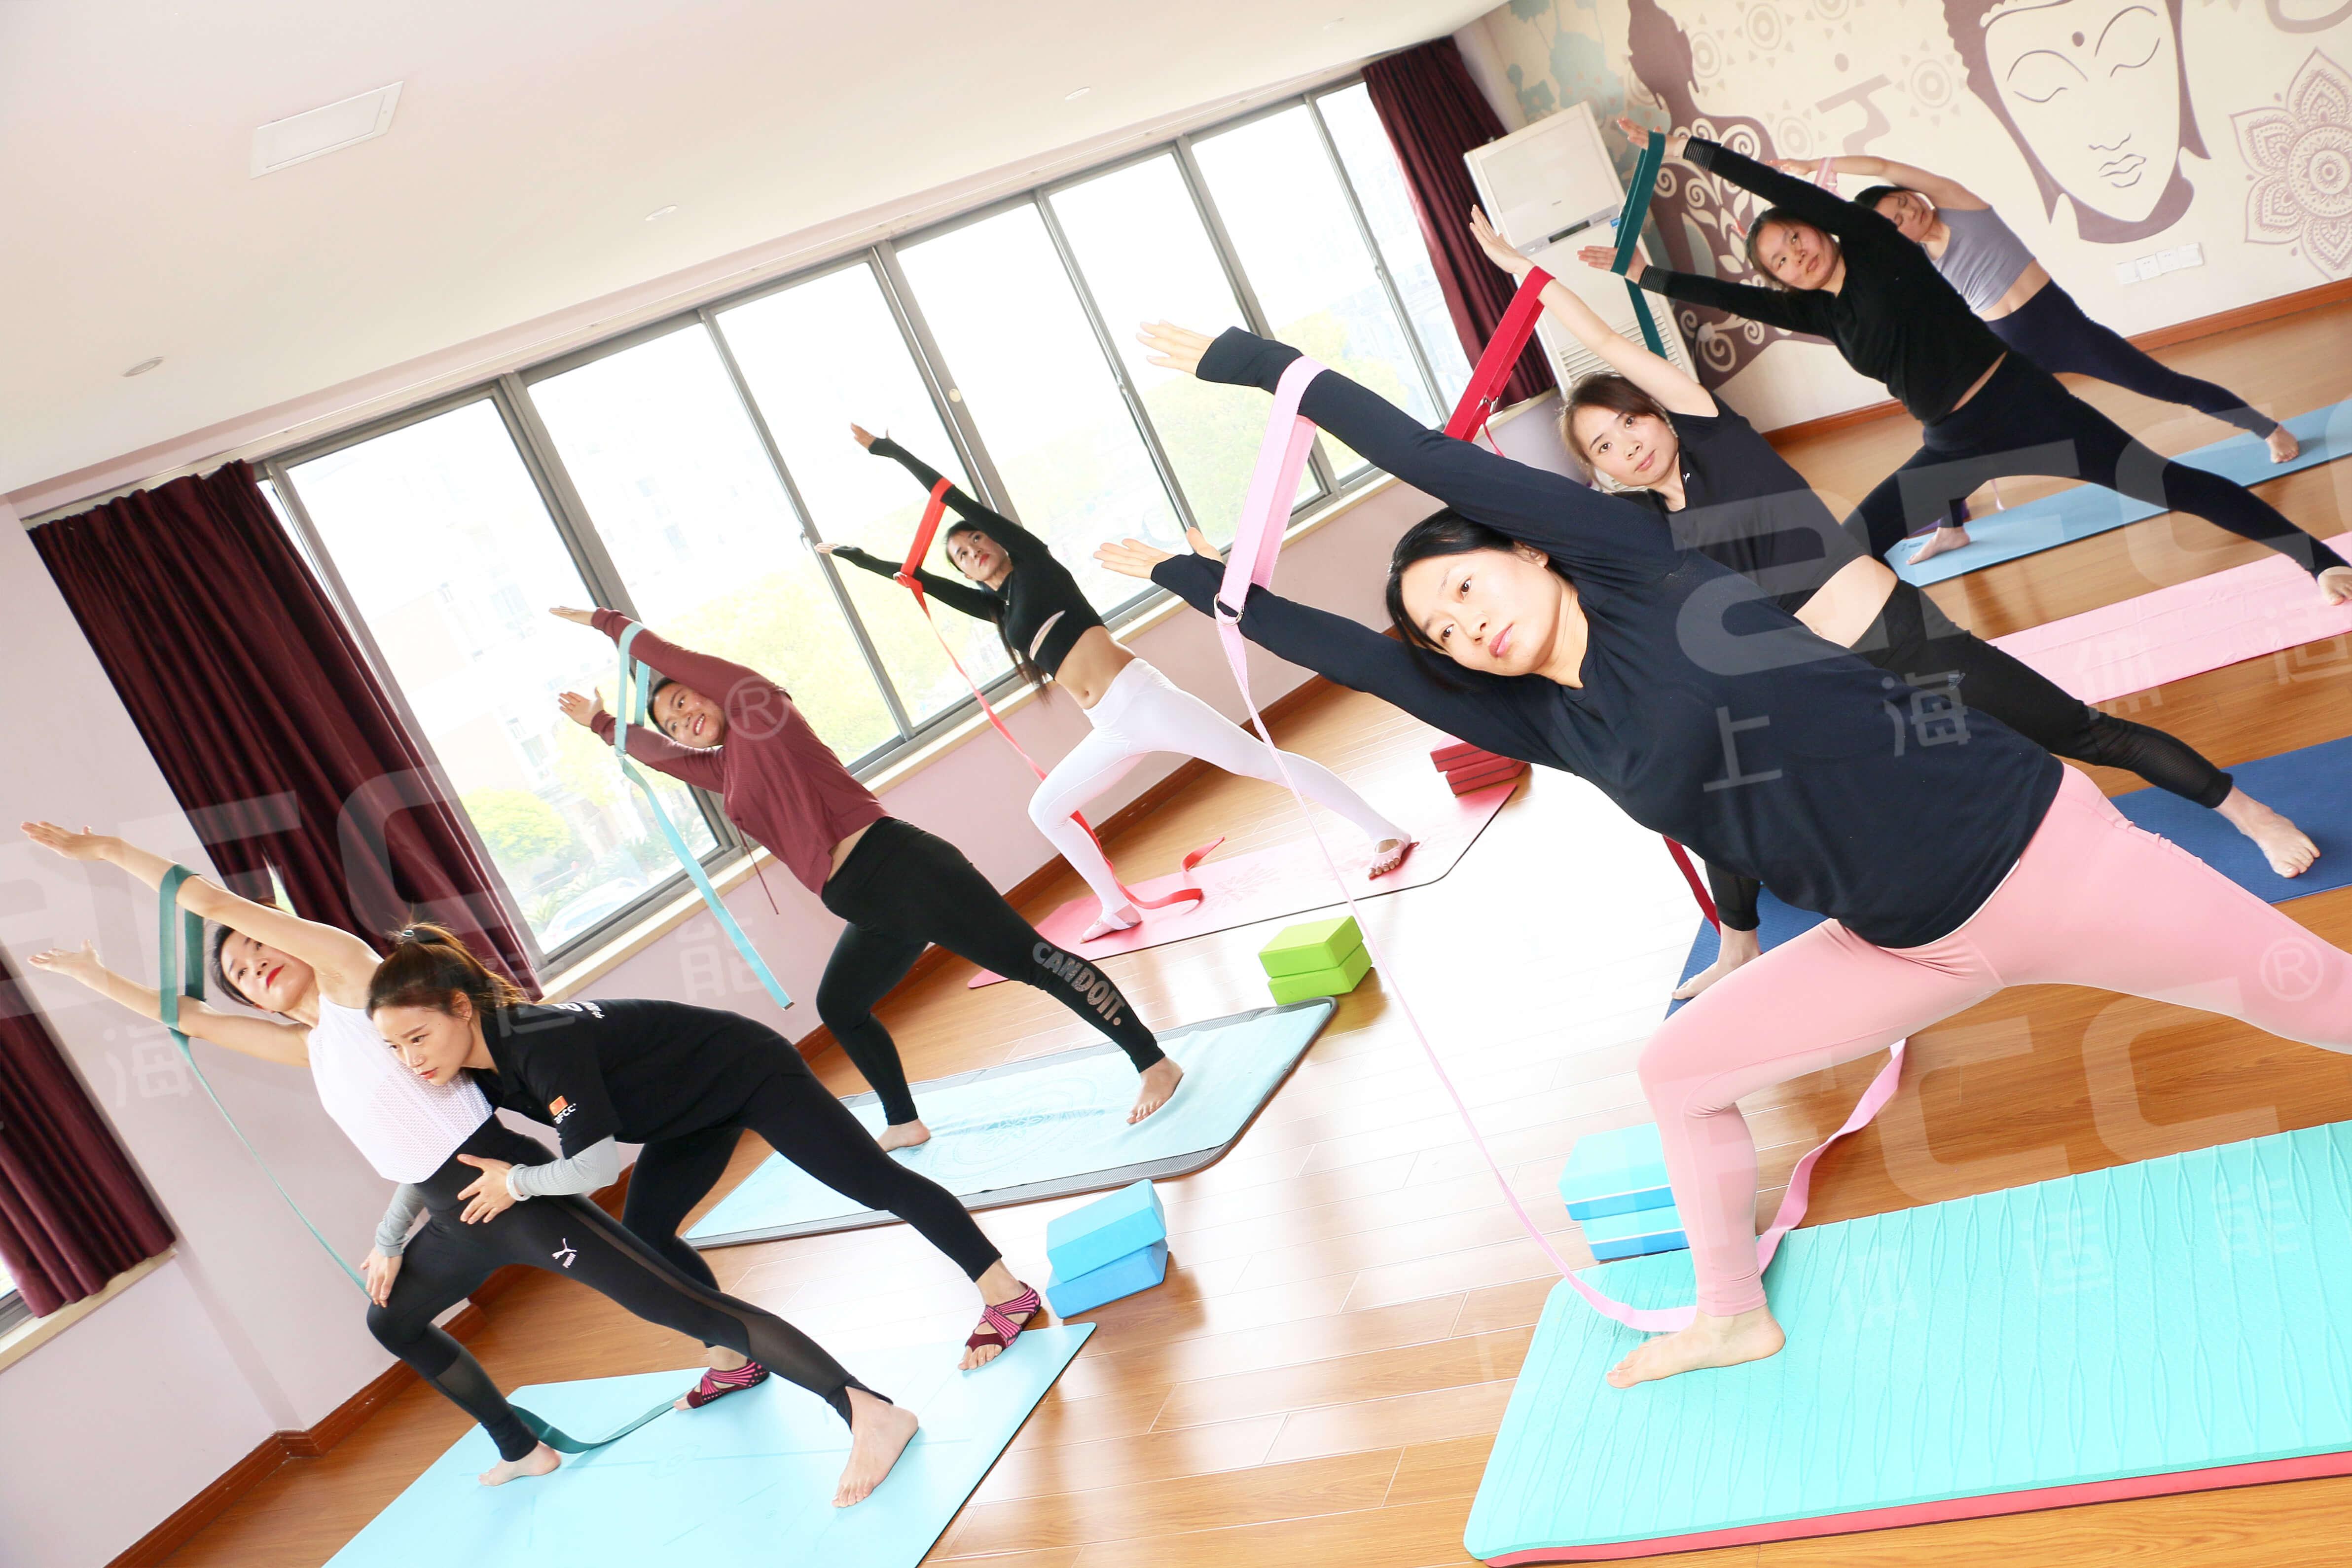 瑜伽,全世界流行的团体课程之一